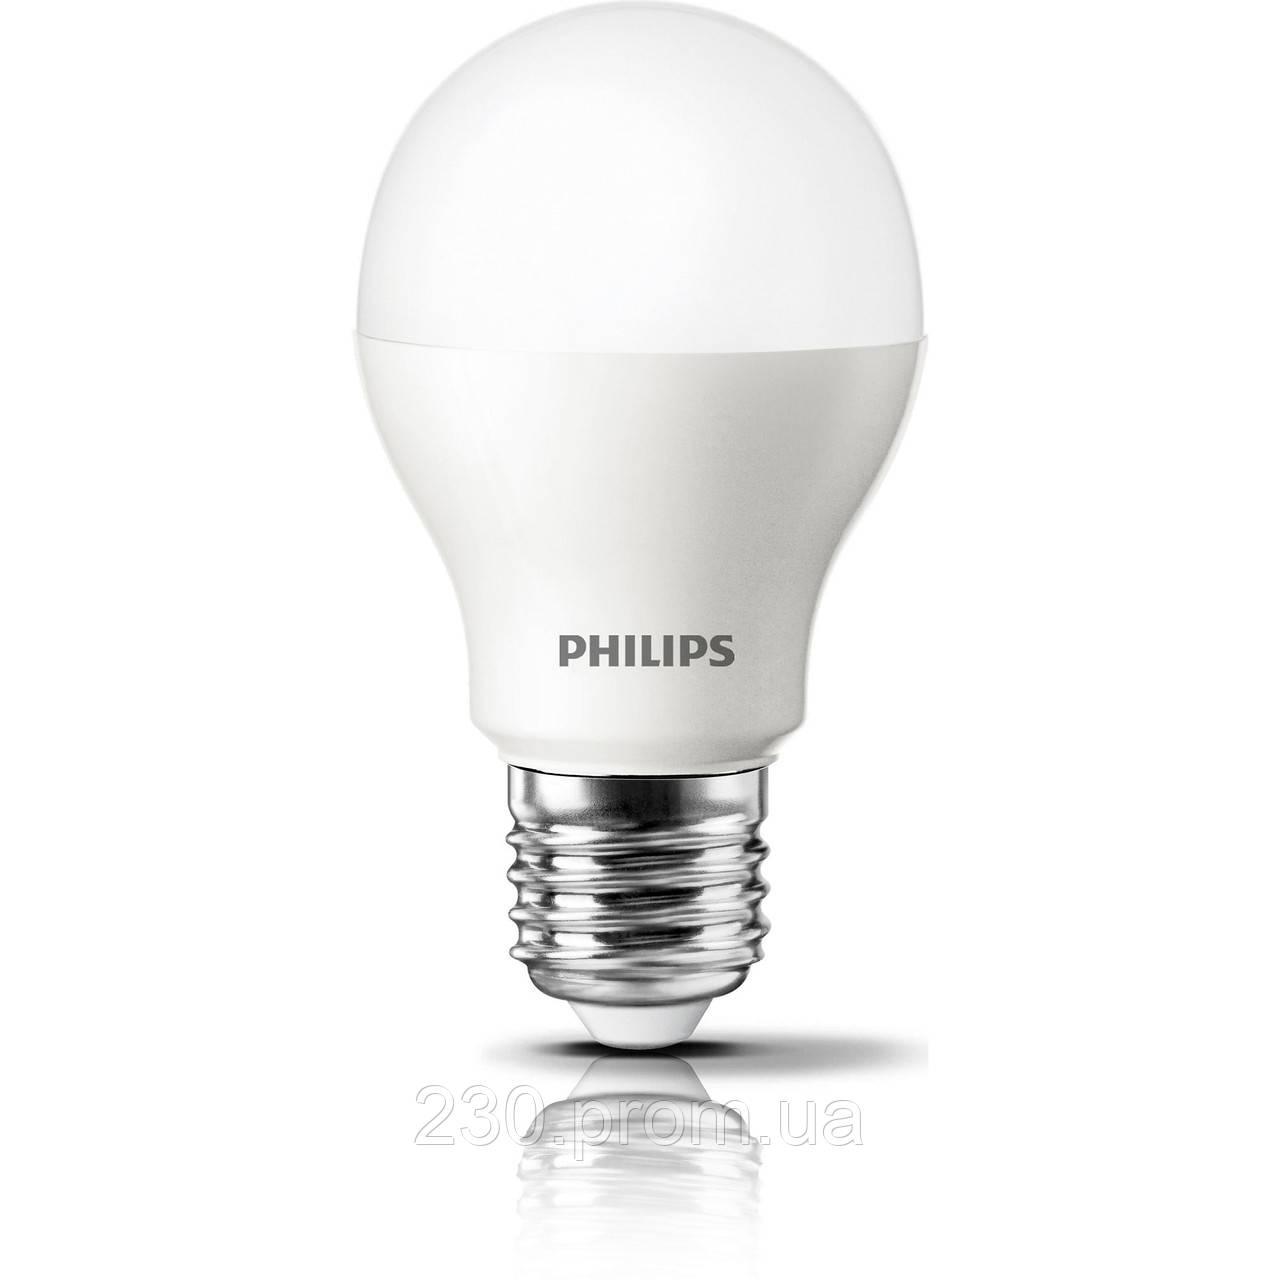 LED лампа philips 8 (60Вт) Е27 3000К